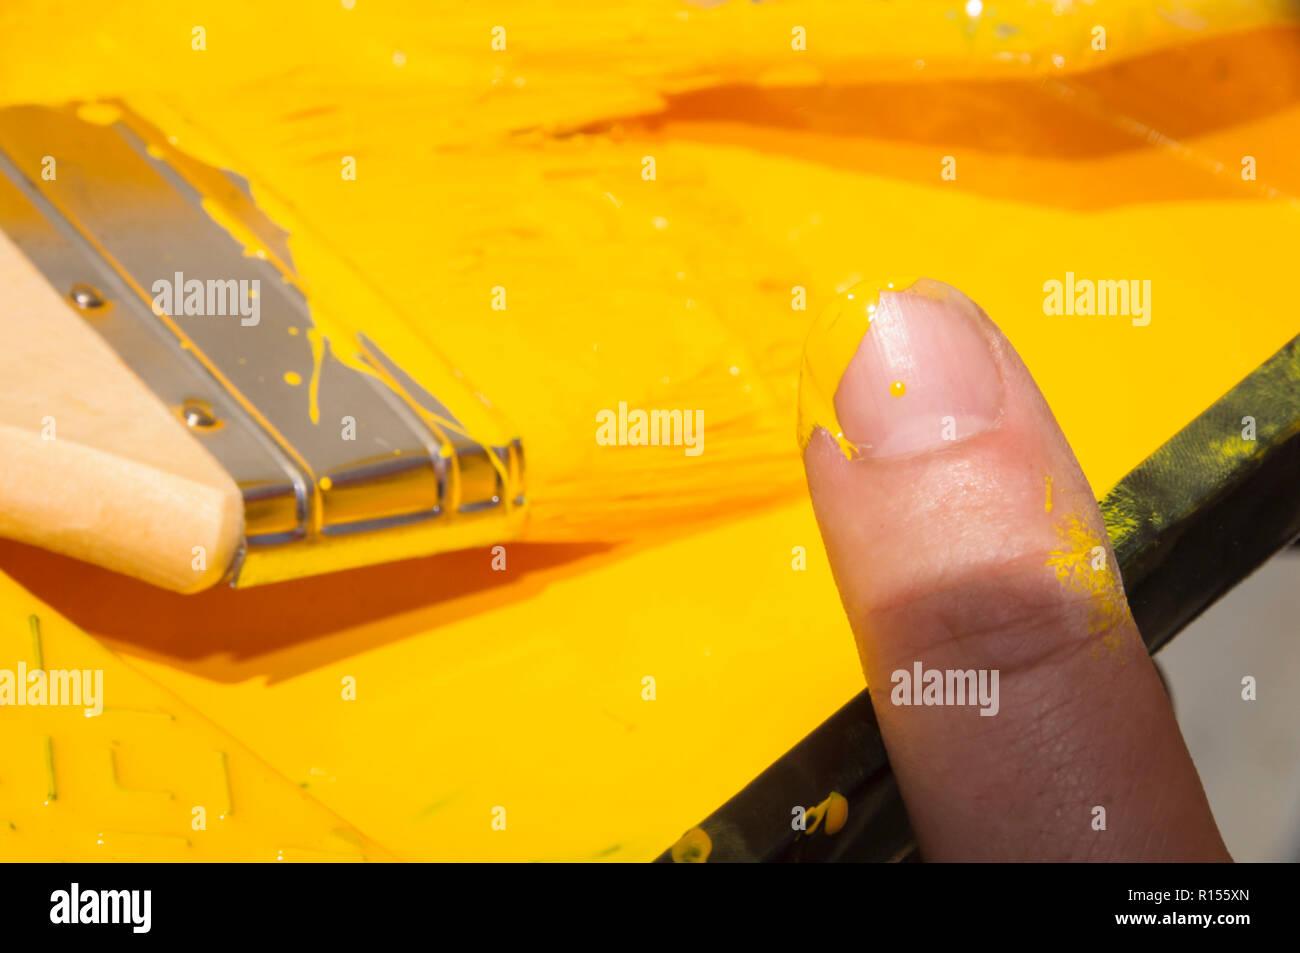 La gente de cinta amarilla de pintura Imagen De Stock